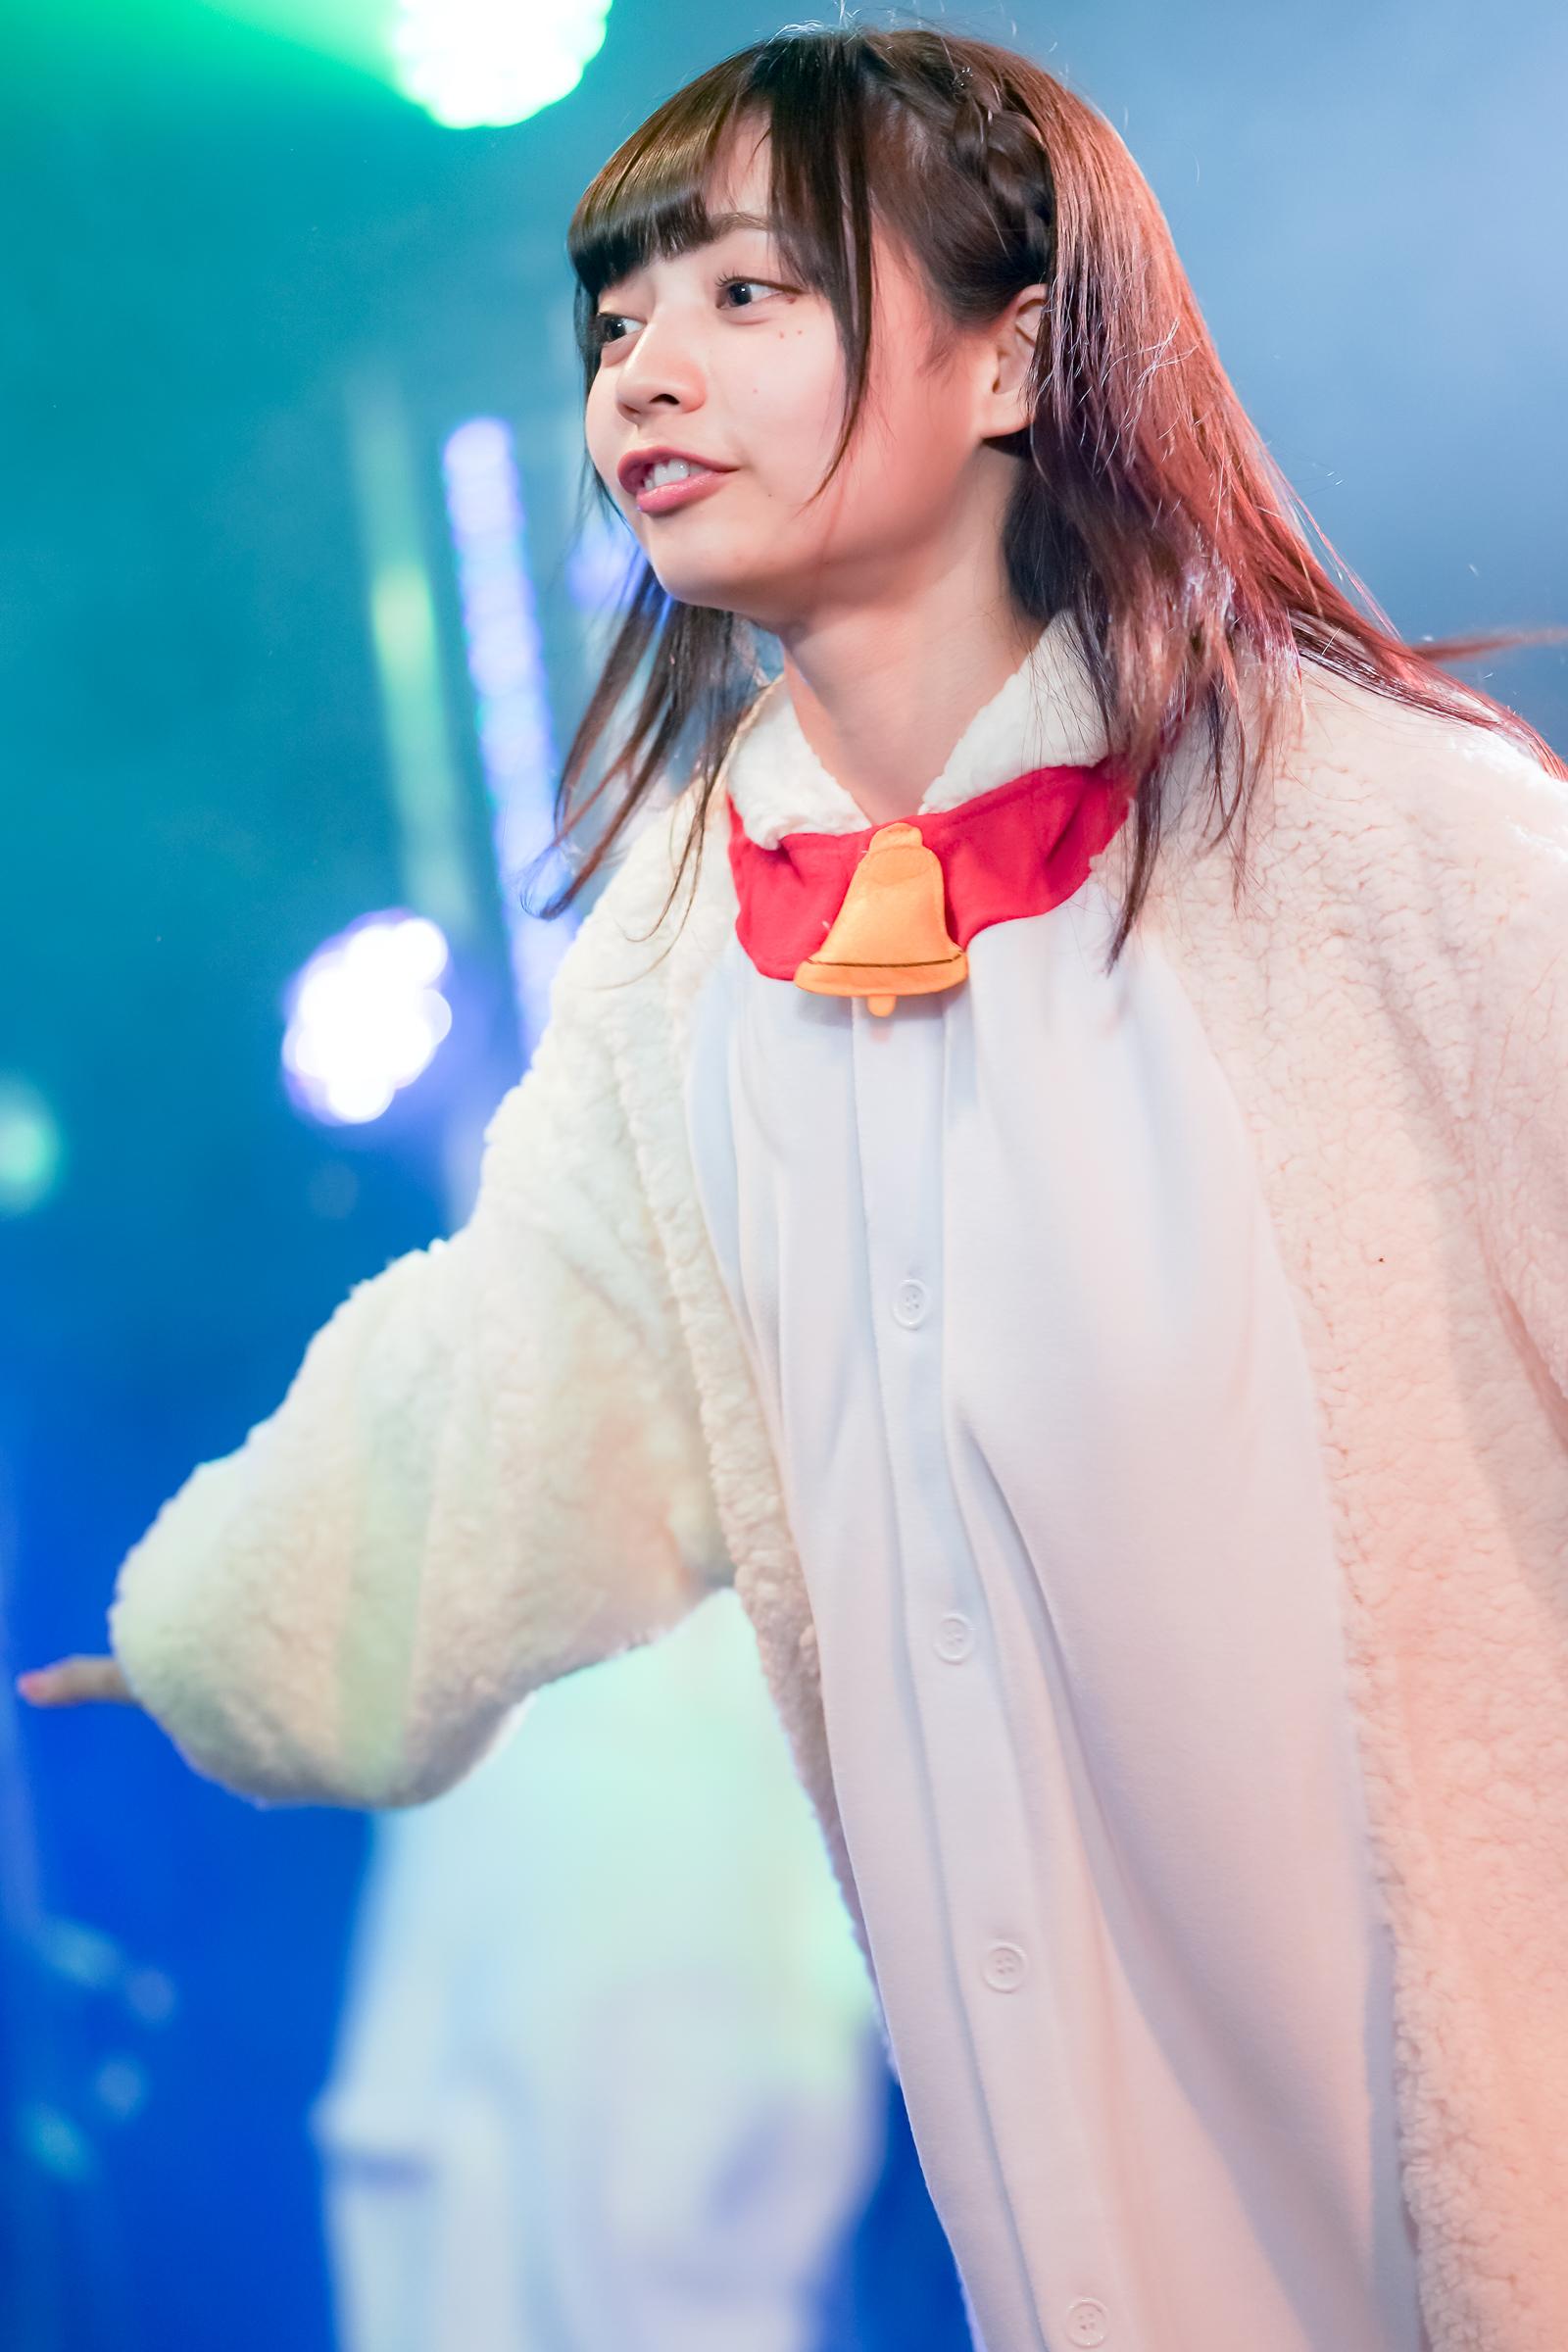 2代目HAPPY少女♪ ゆいな ( 宮崎ゆいな ) | ユニバーサル・ライブプロ・ジャパン2018